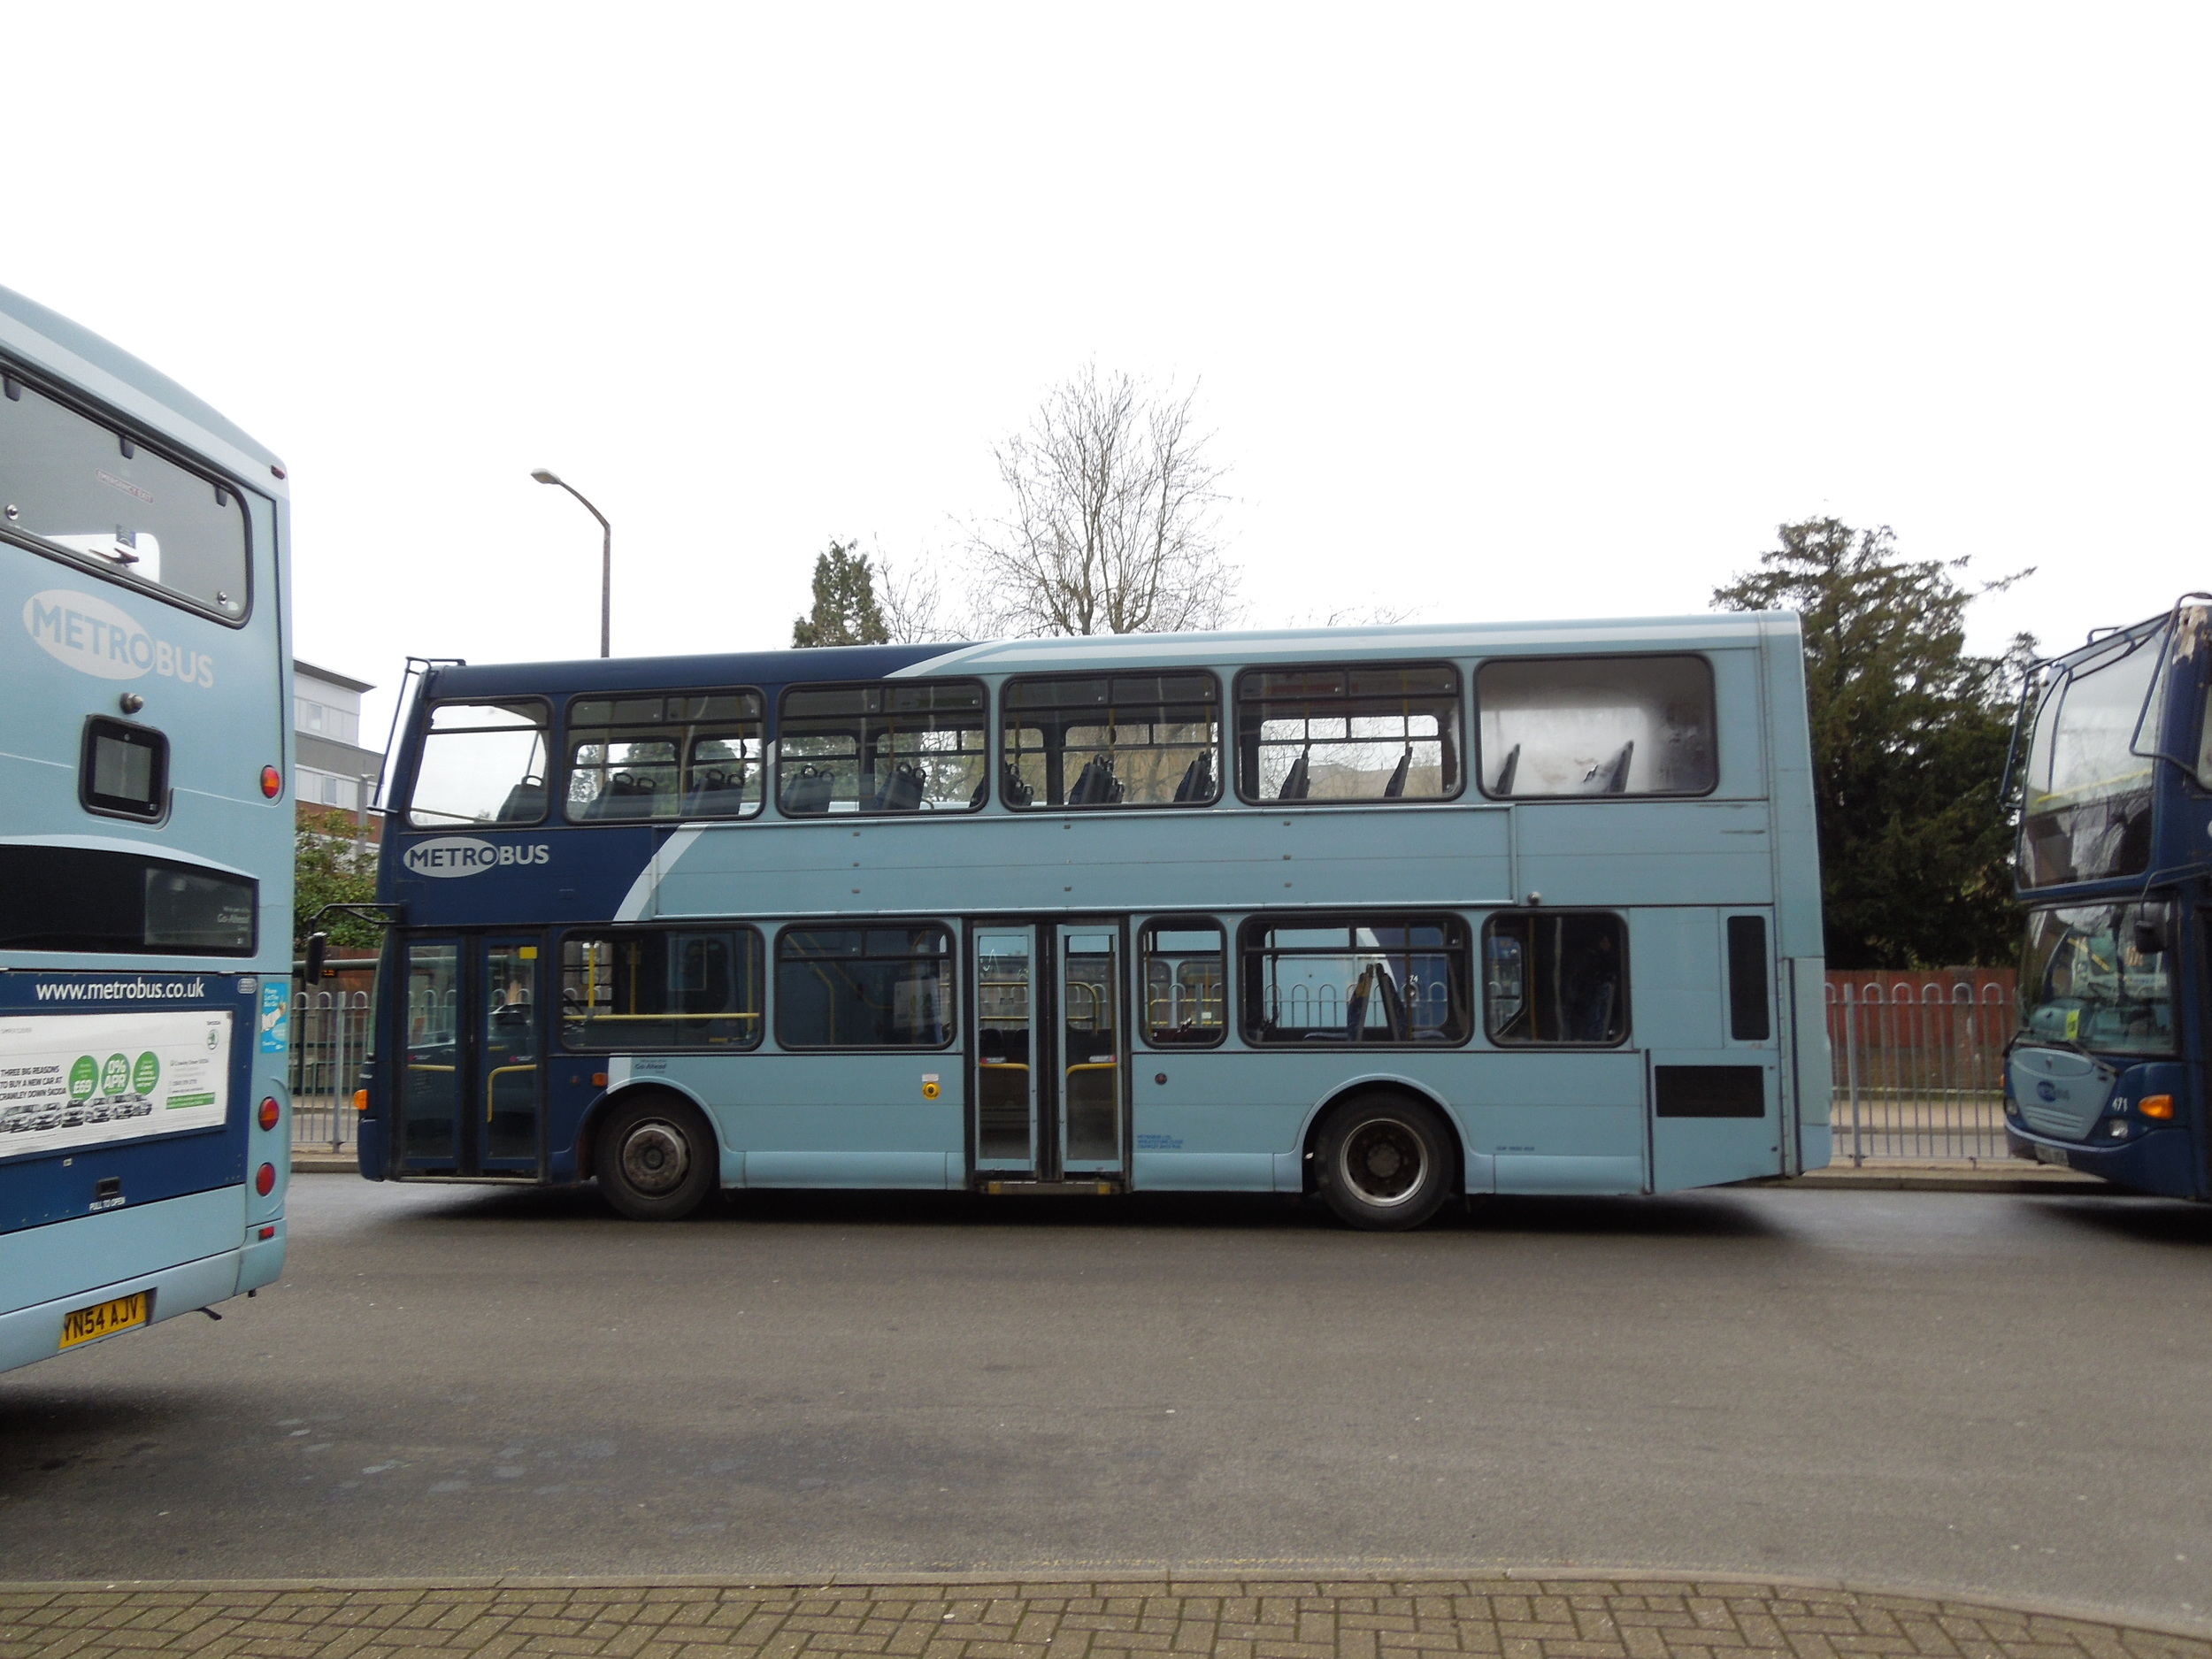 Gratuitous double-decker bus image